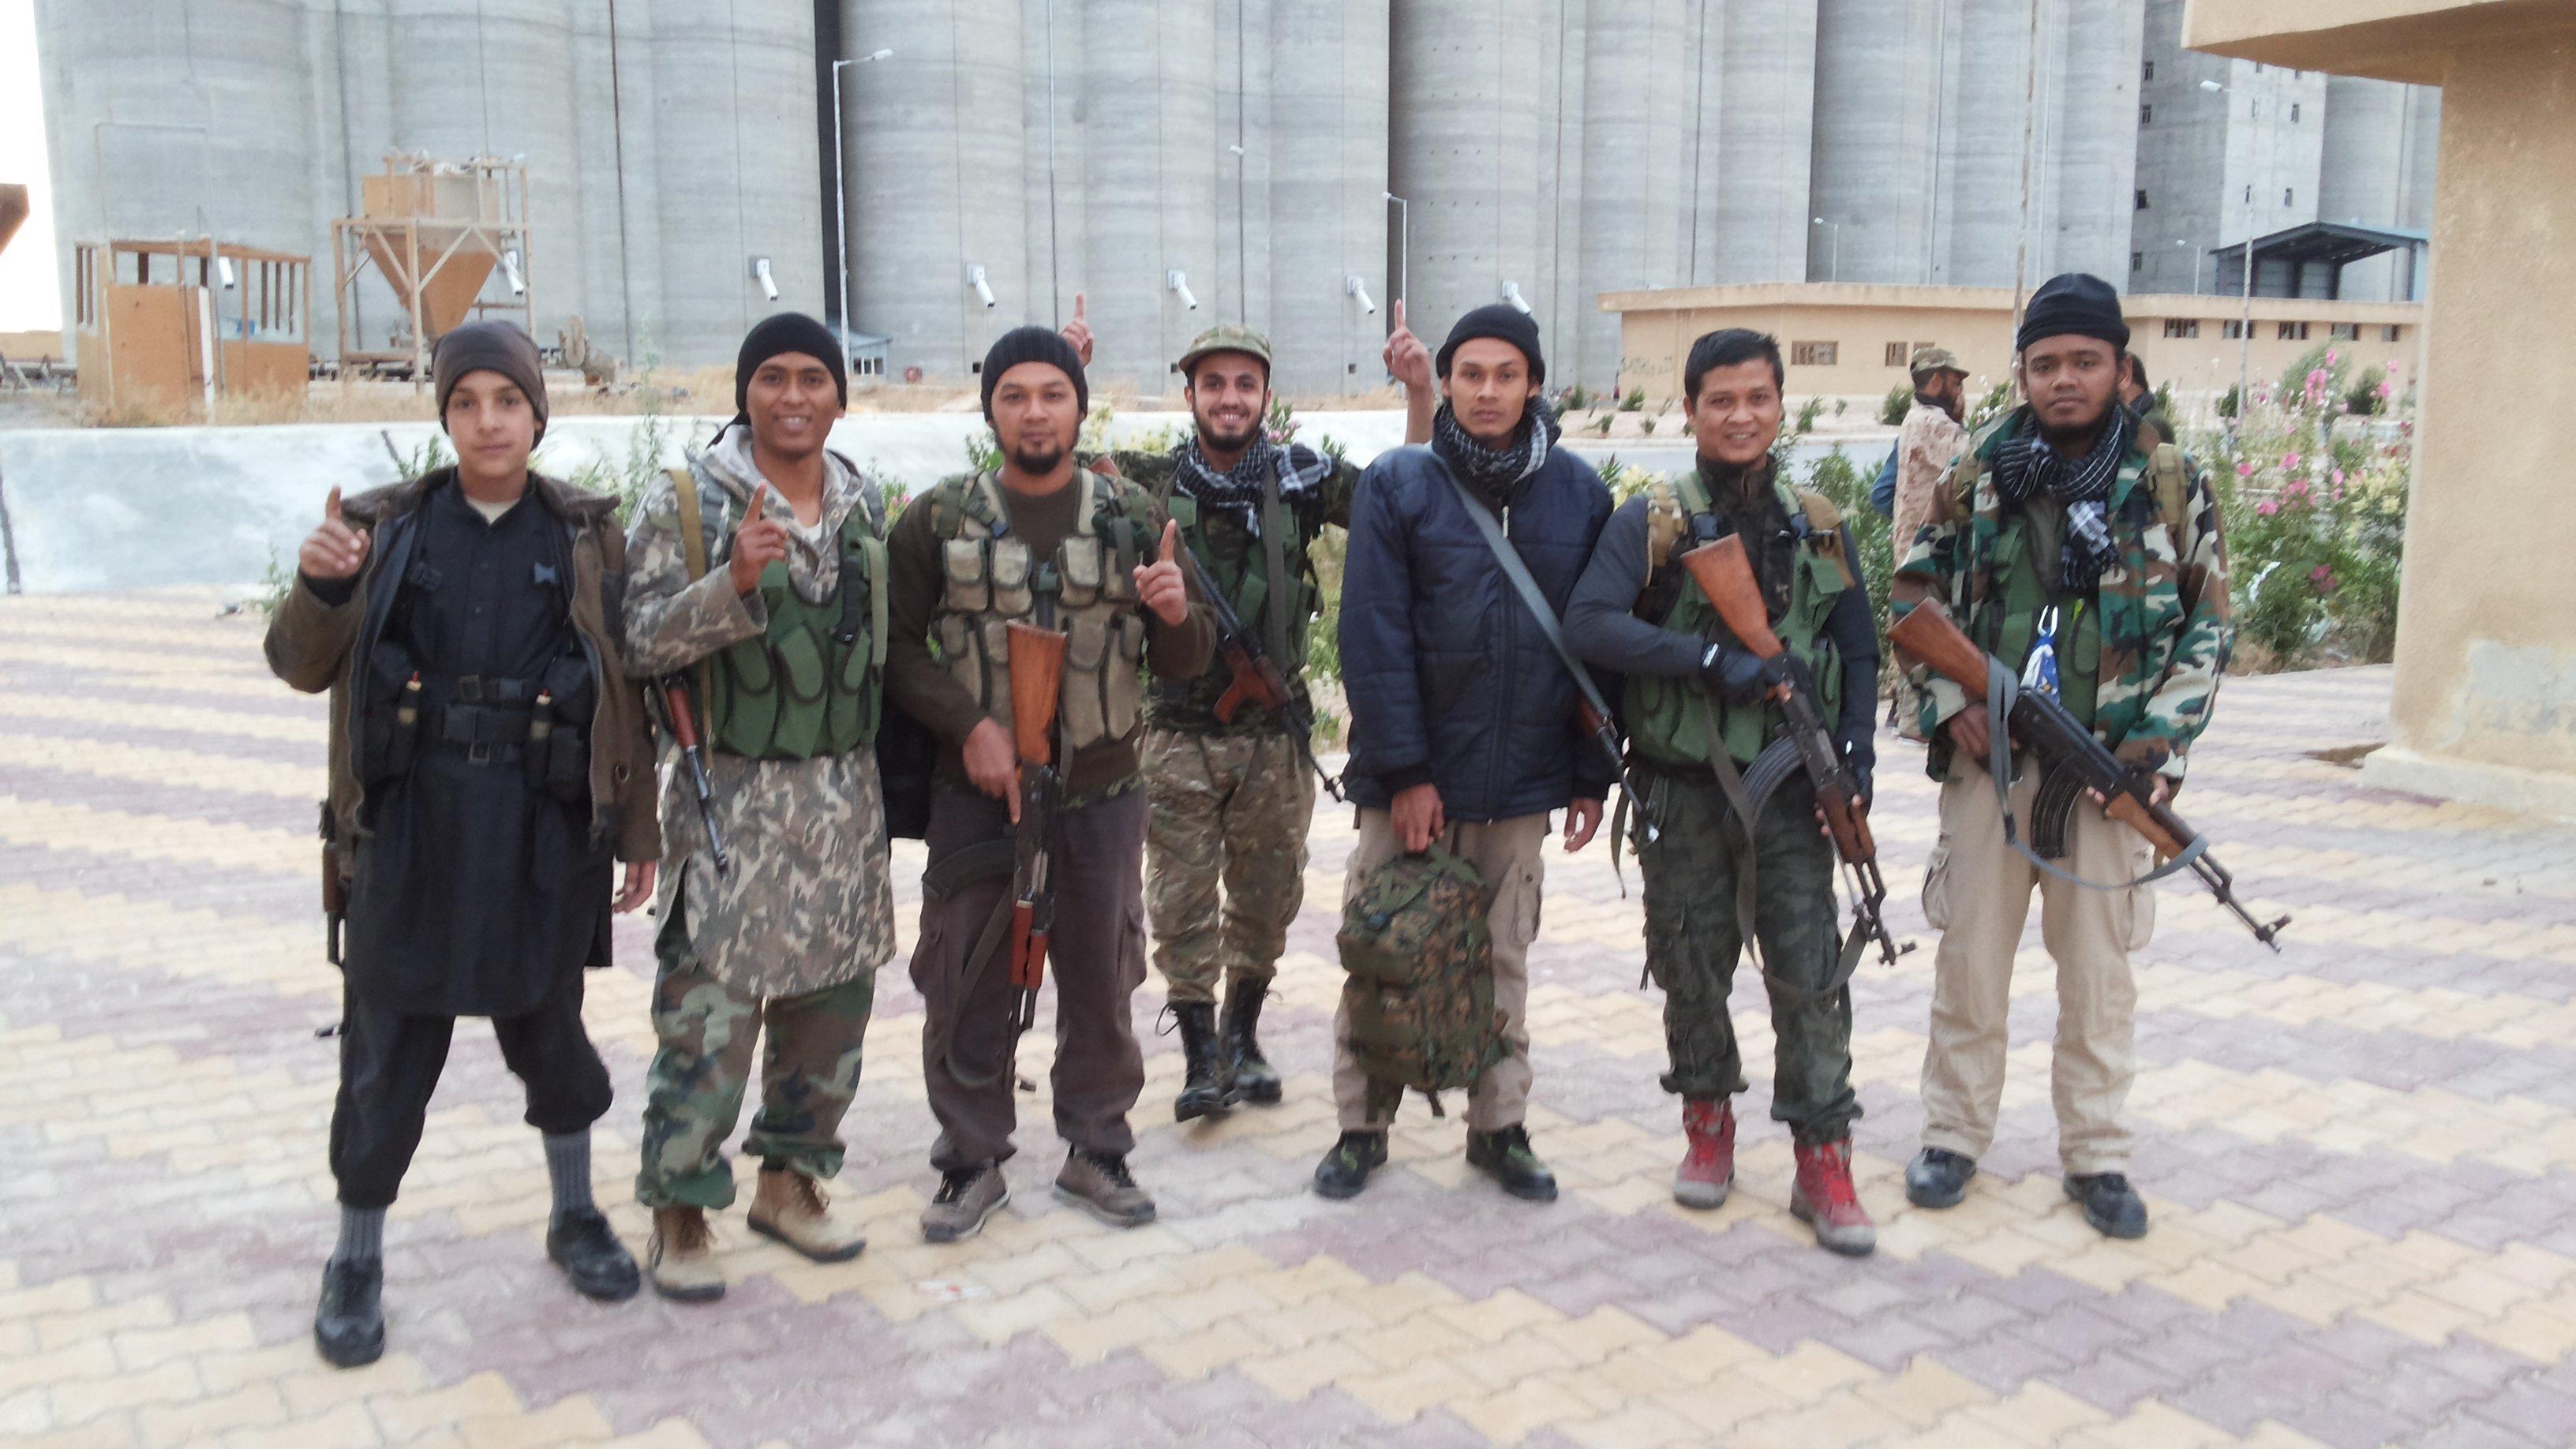 """Tài liệu """"độc nhất vô nhị"""" tố IS buôn dầu với Thổ Nhĩ Kỳ 2"""